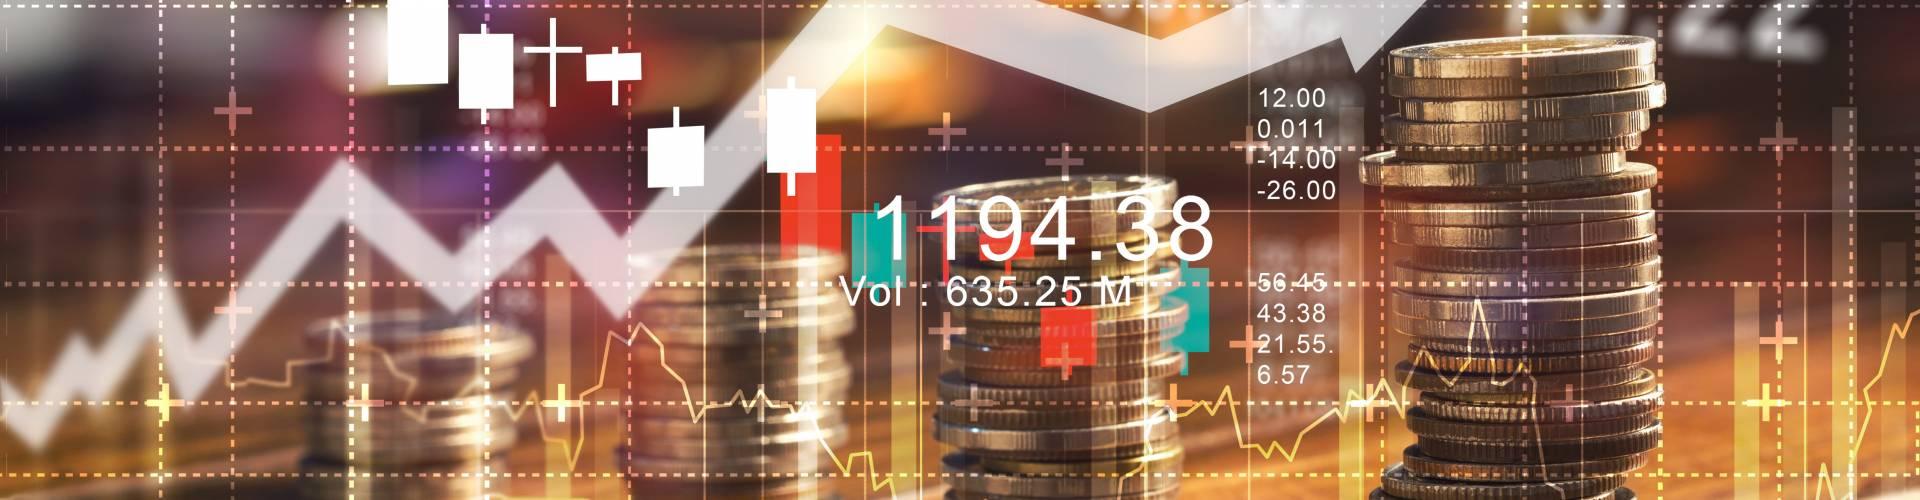 סיכום חודש אפריל 2020 בבורסה